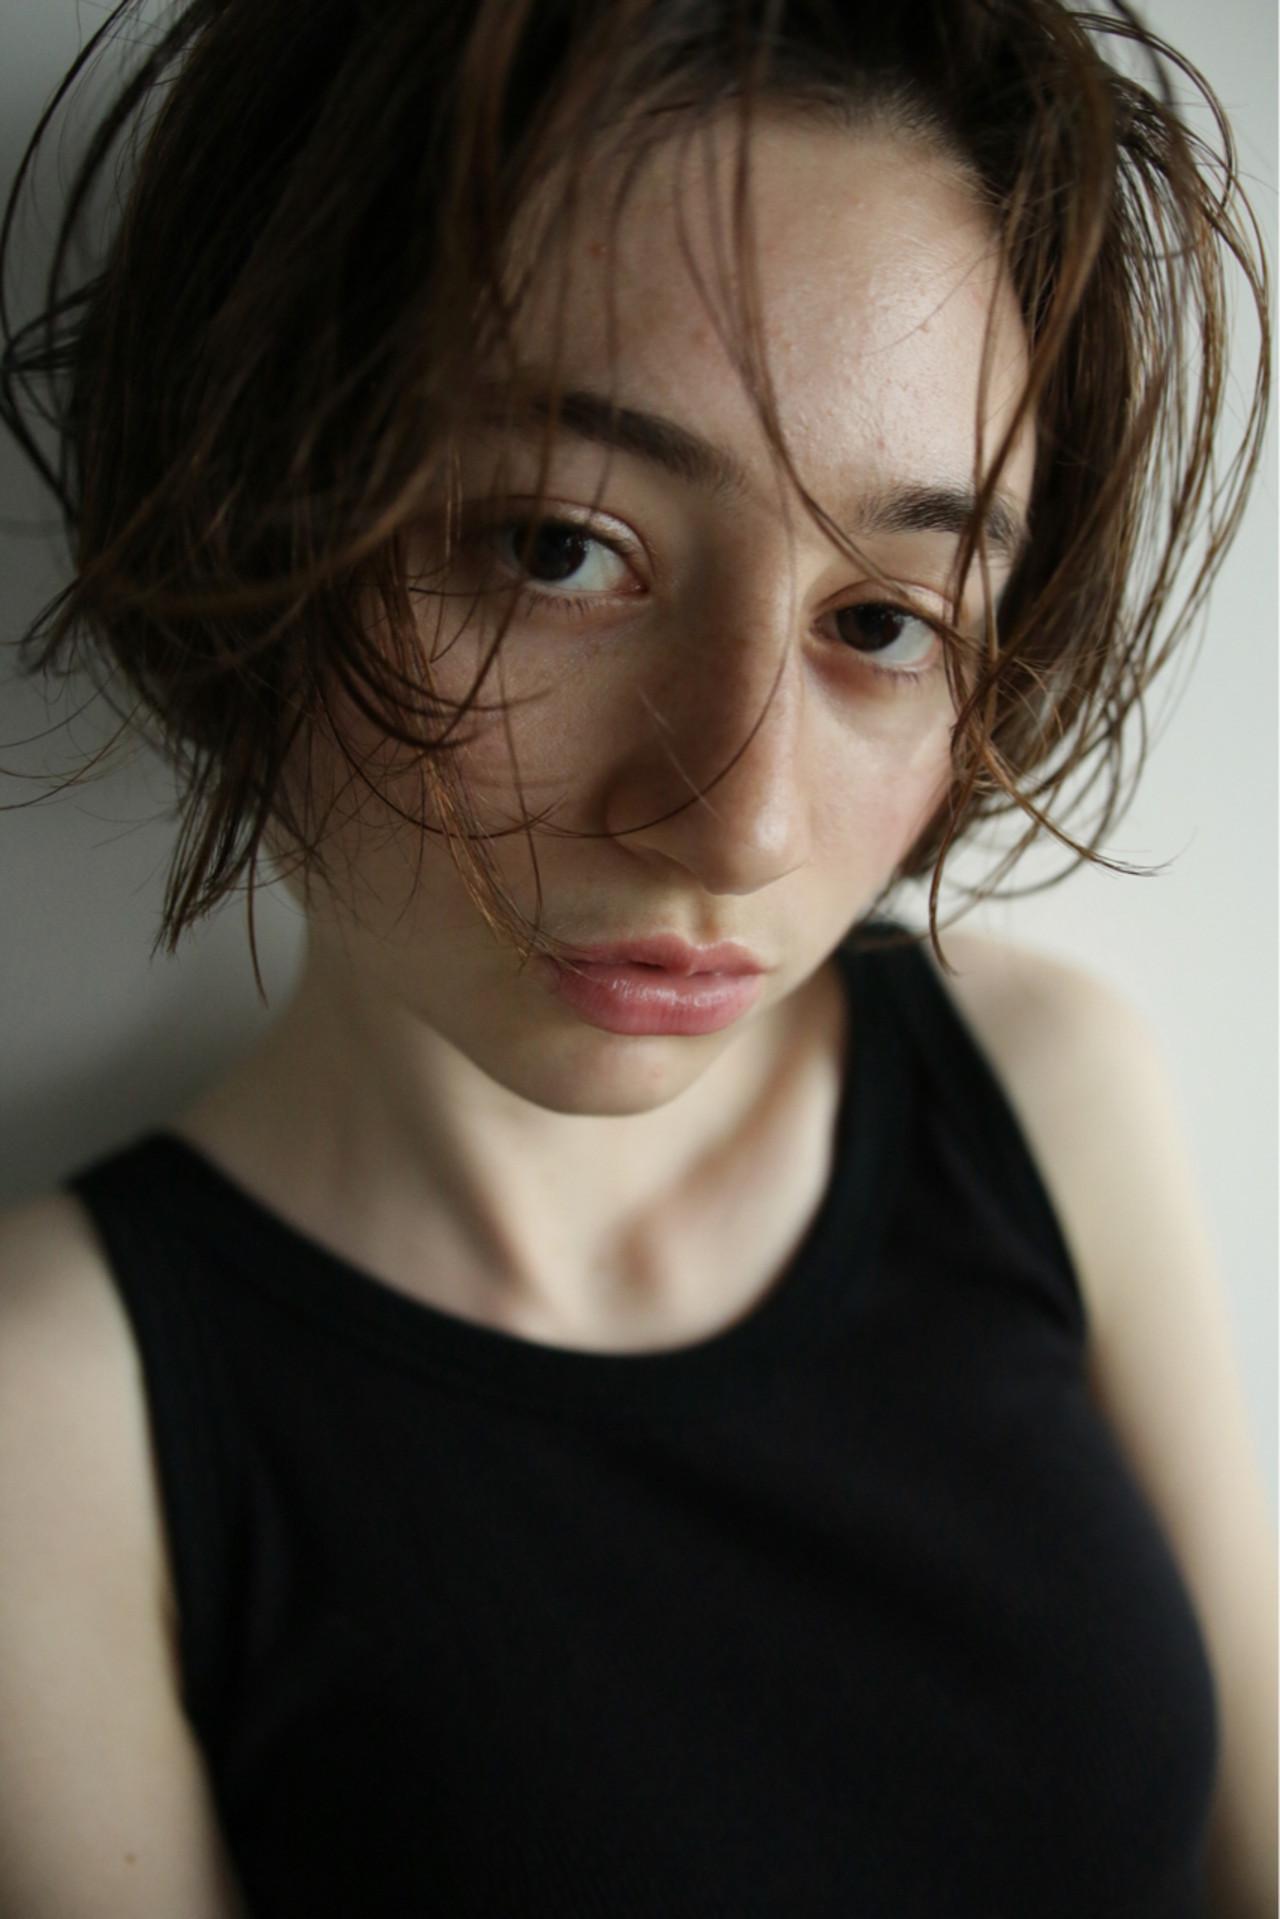 ウェットヘア ナチュラル パーマ 外国人風 ヘアスタイルや髪型の写真・画像